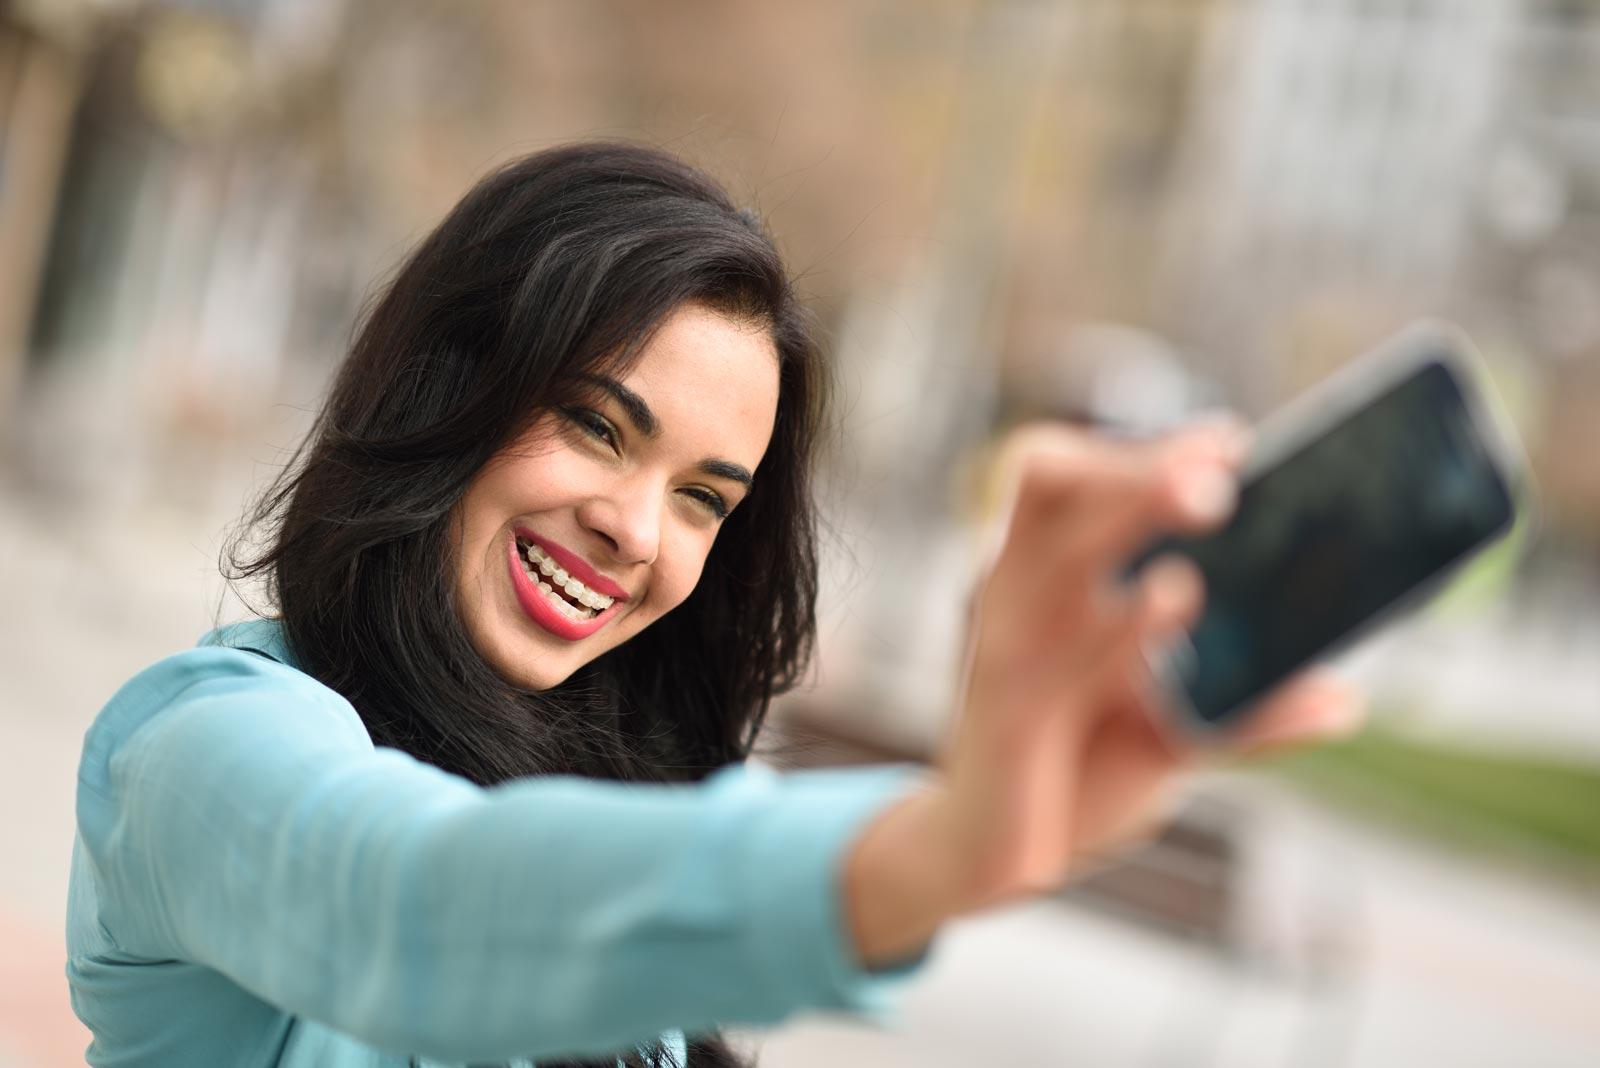 Como mantener limpia tu ortodoncia